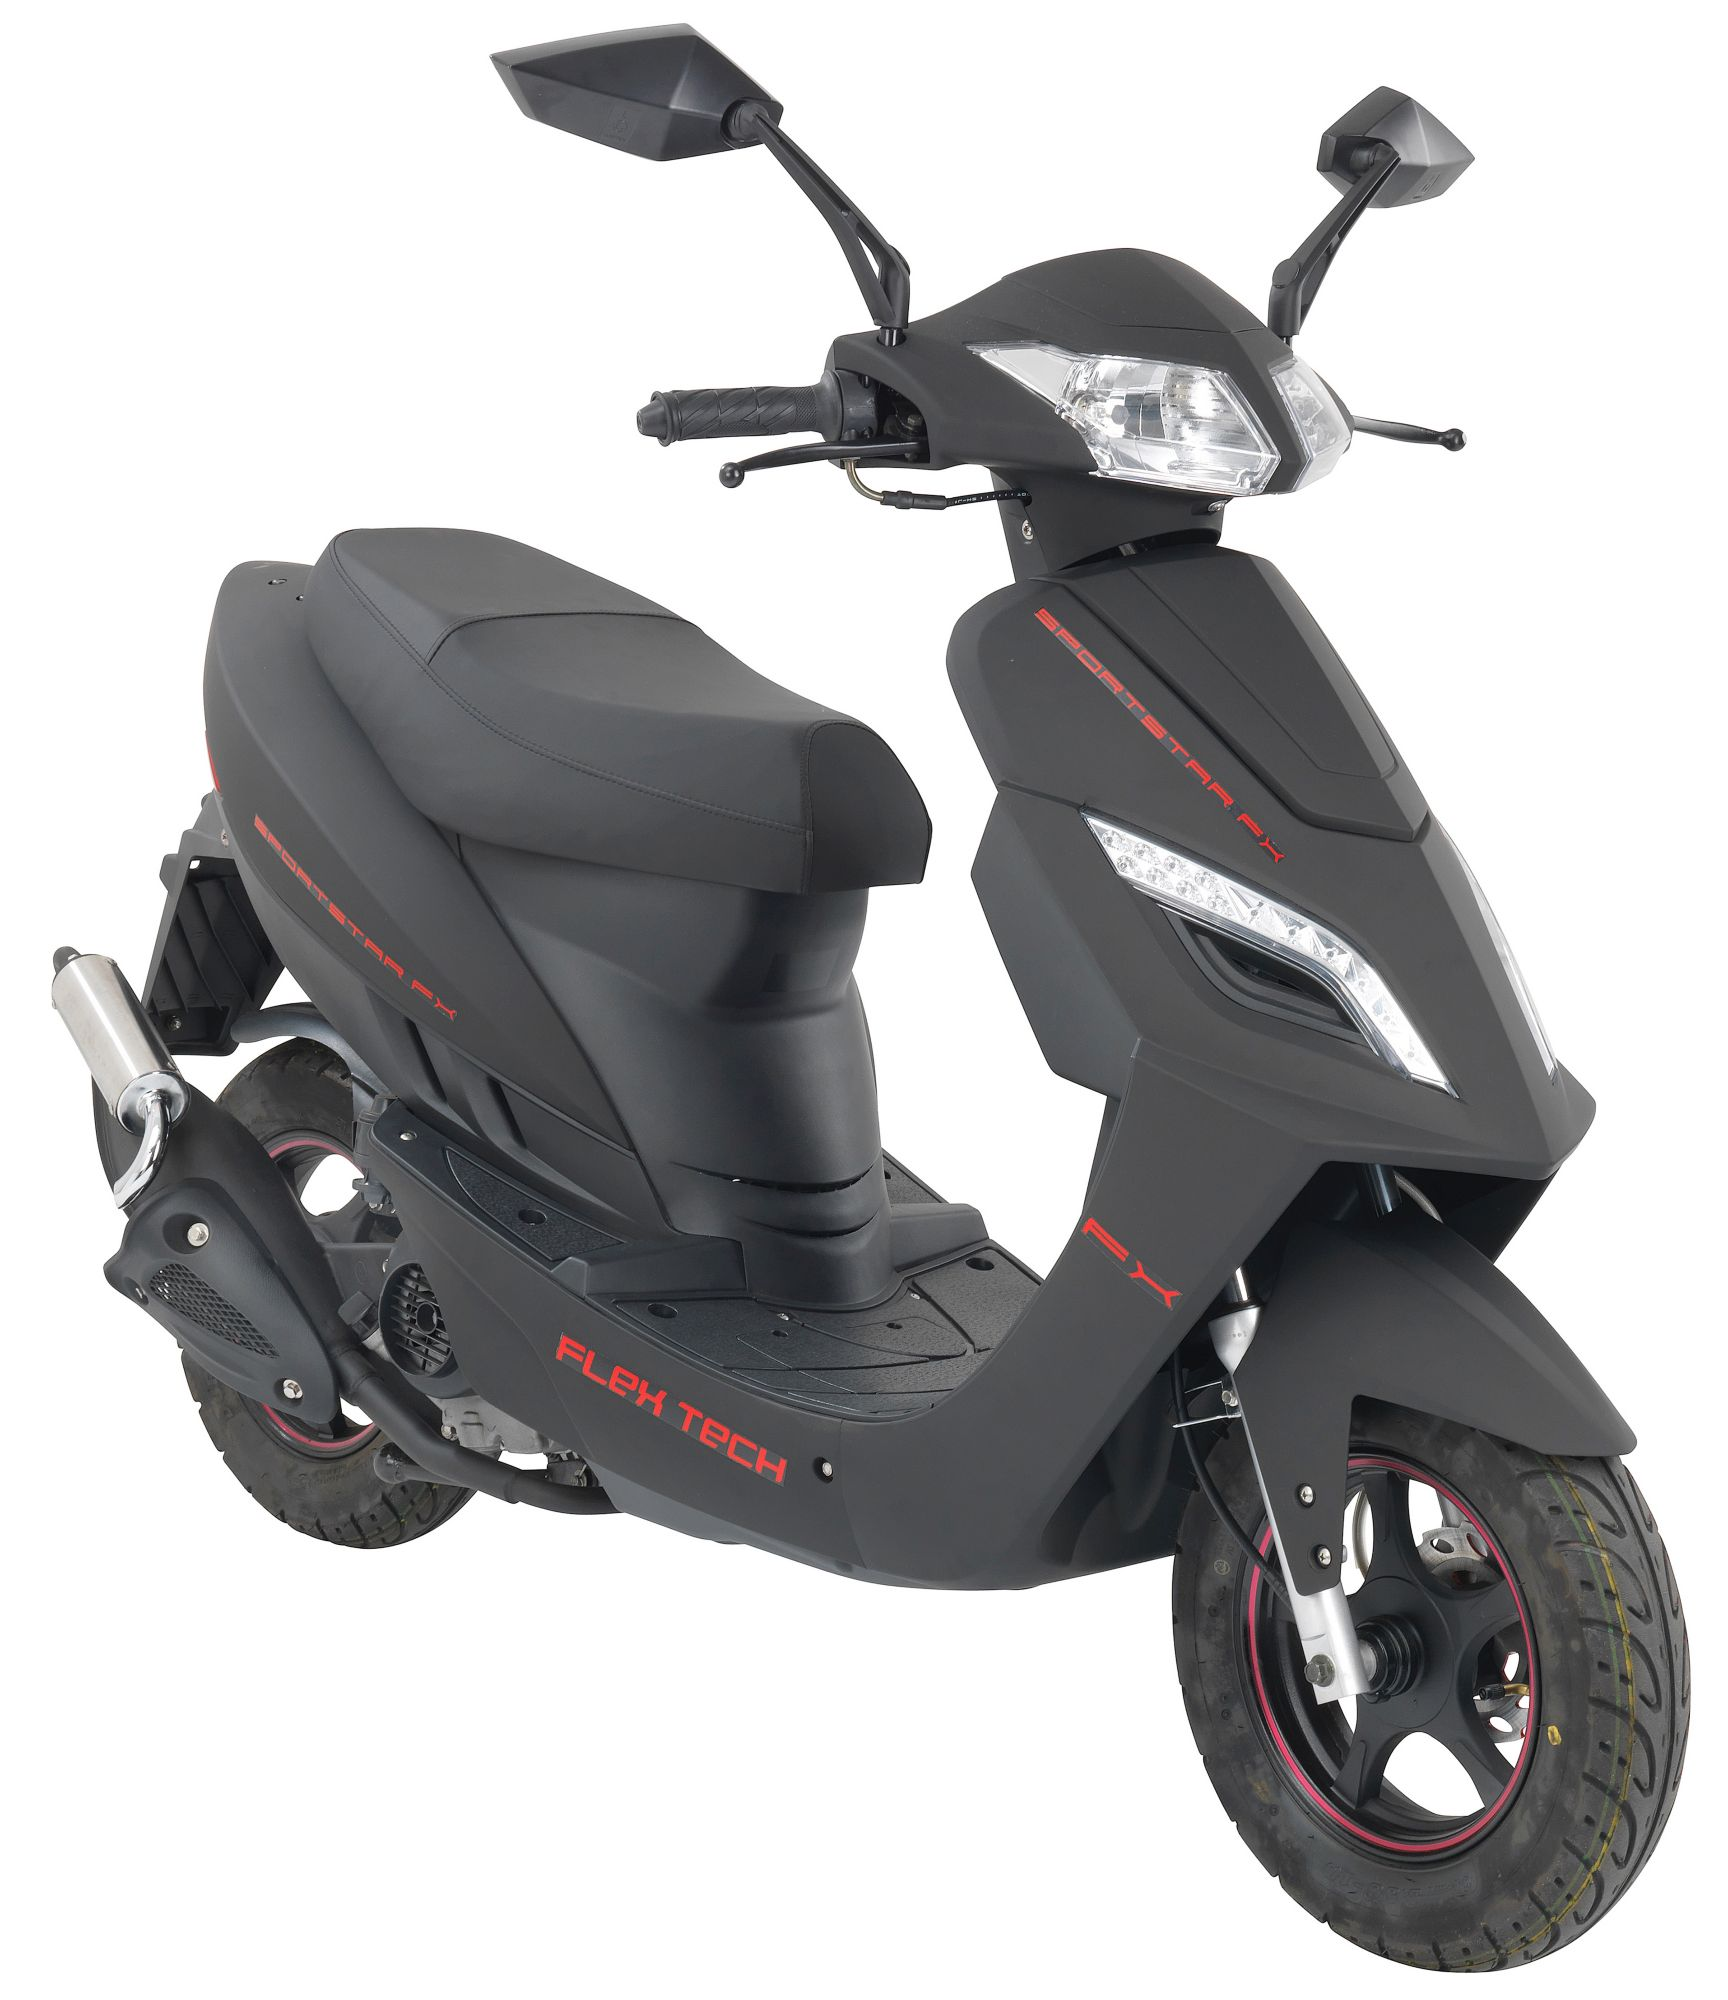 Flex Tech Motorroller »SPORTSTAR FX «, 50 ccm, 45 km/h